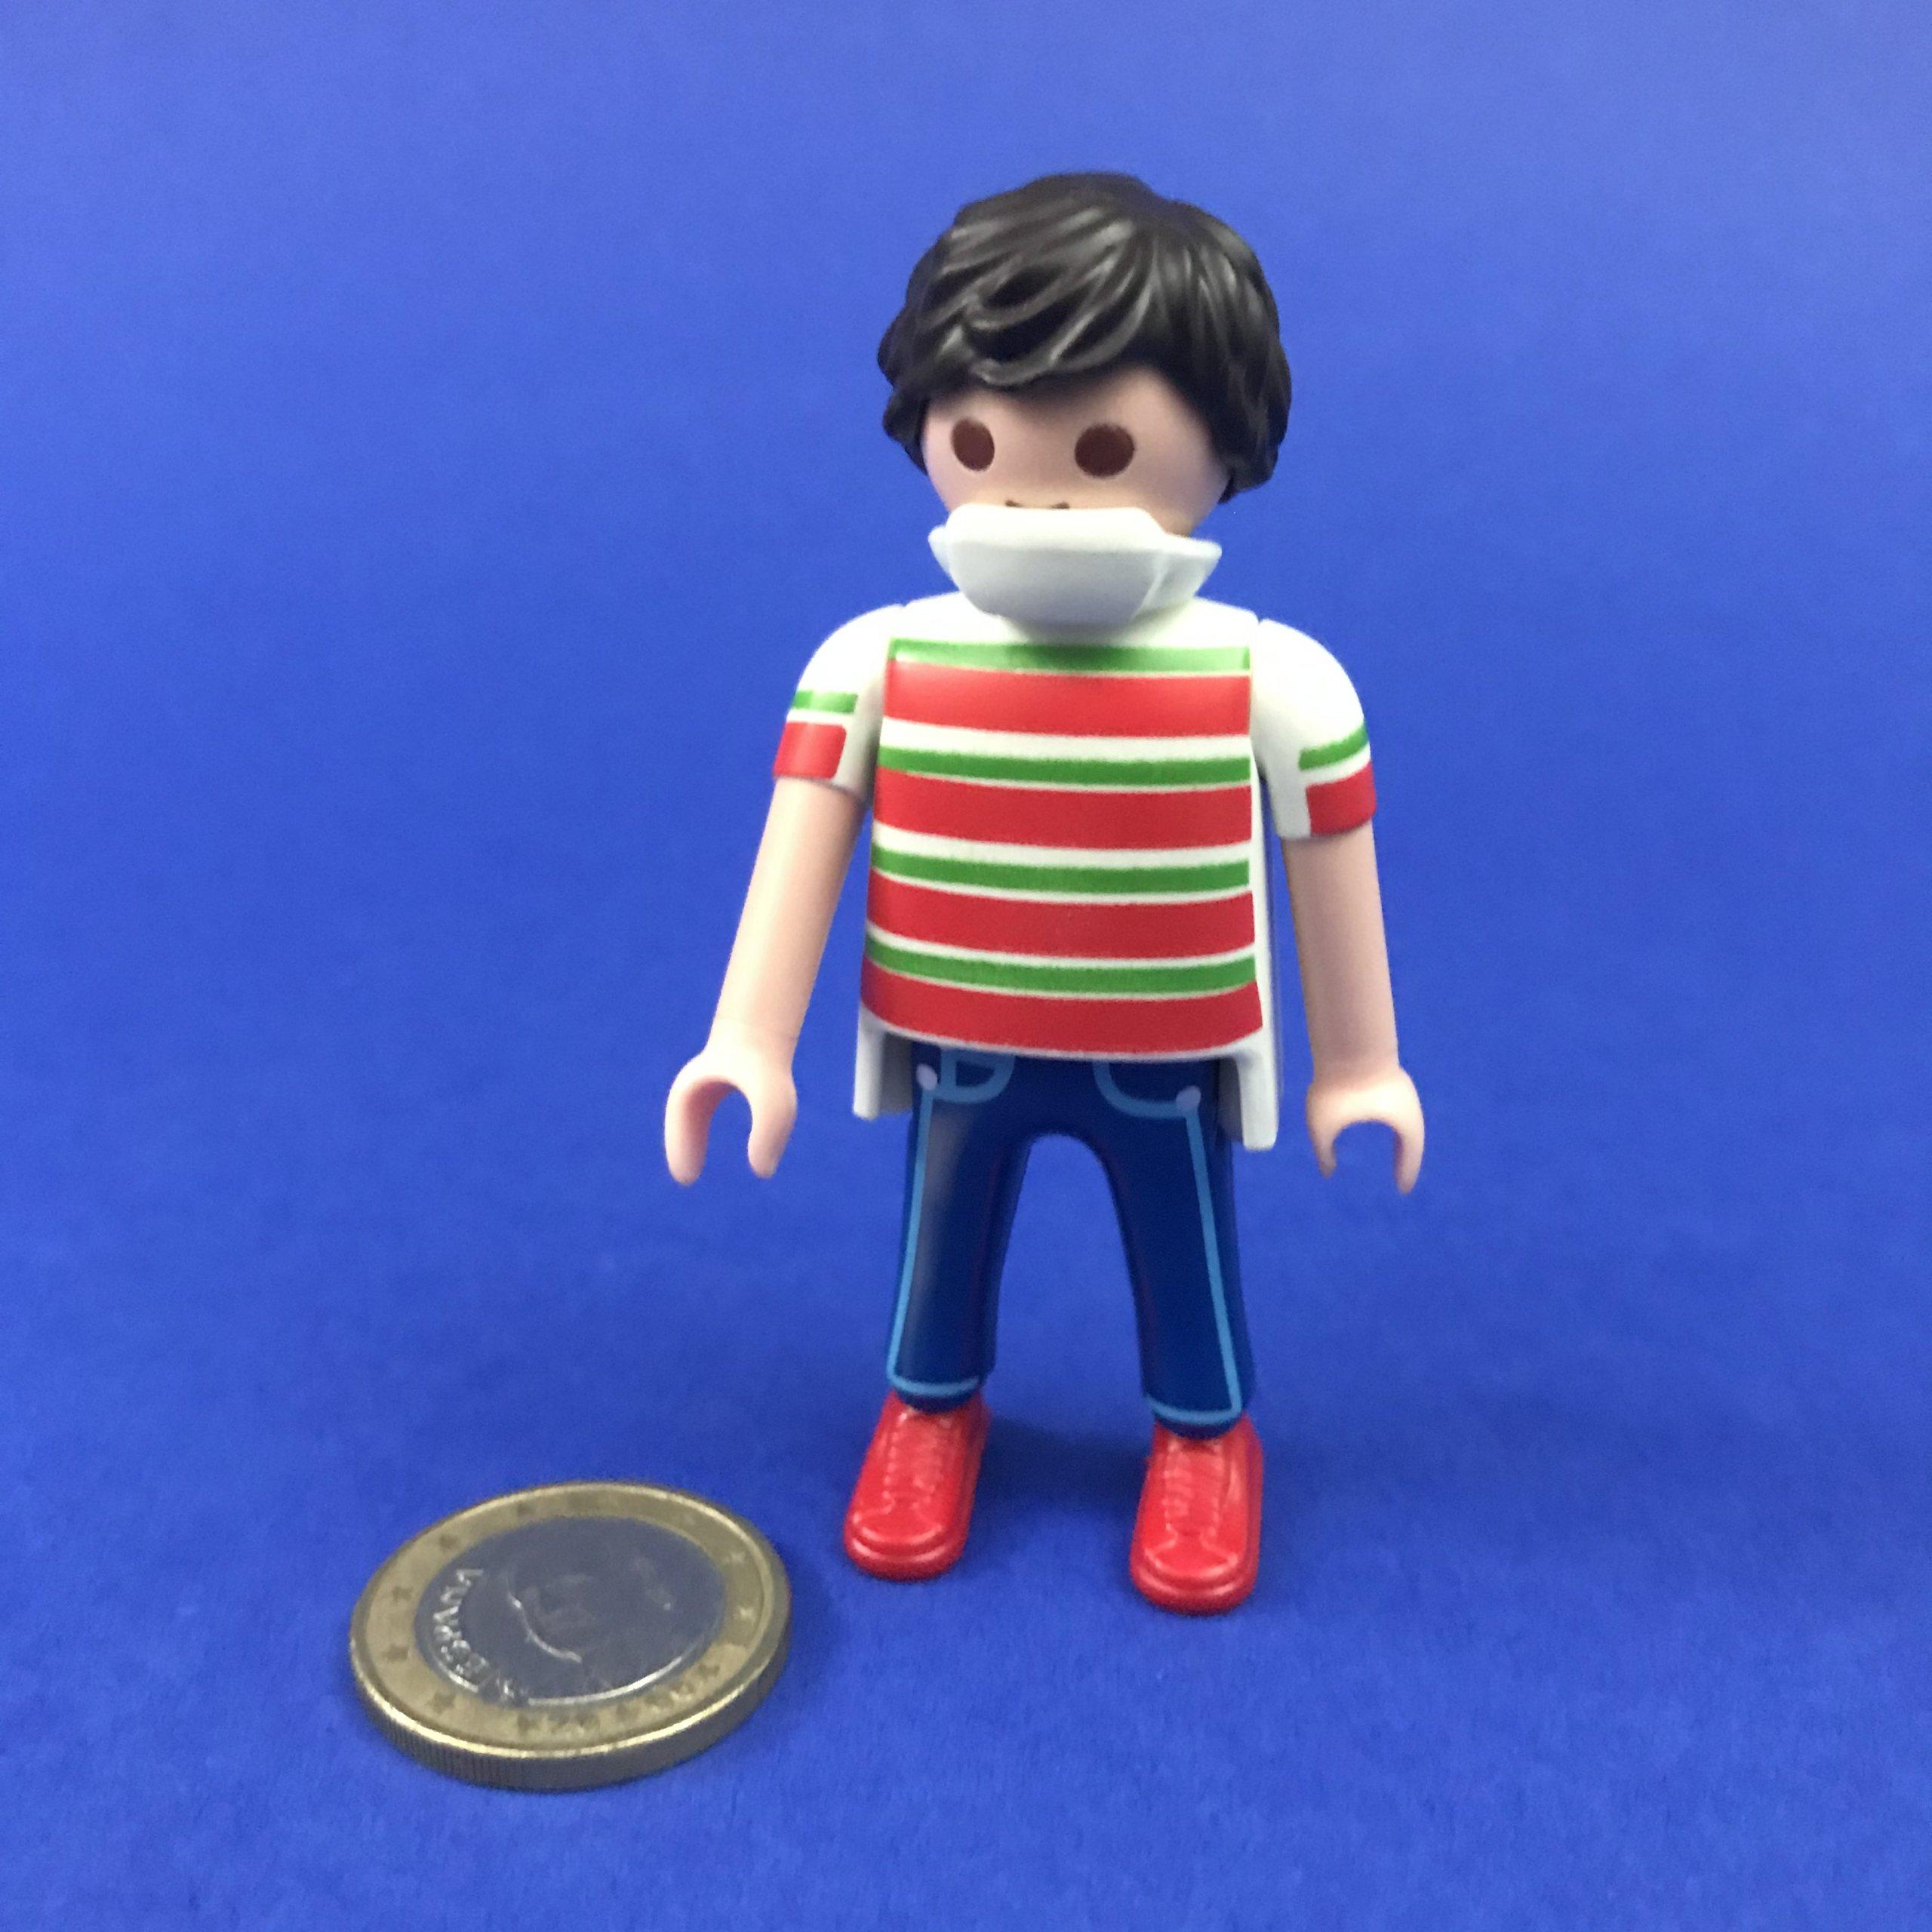 Playmobil-man-mondkapje